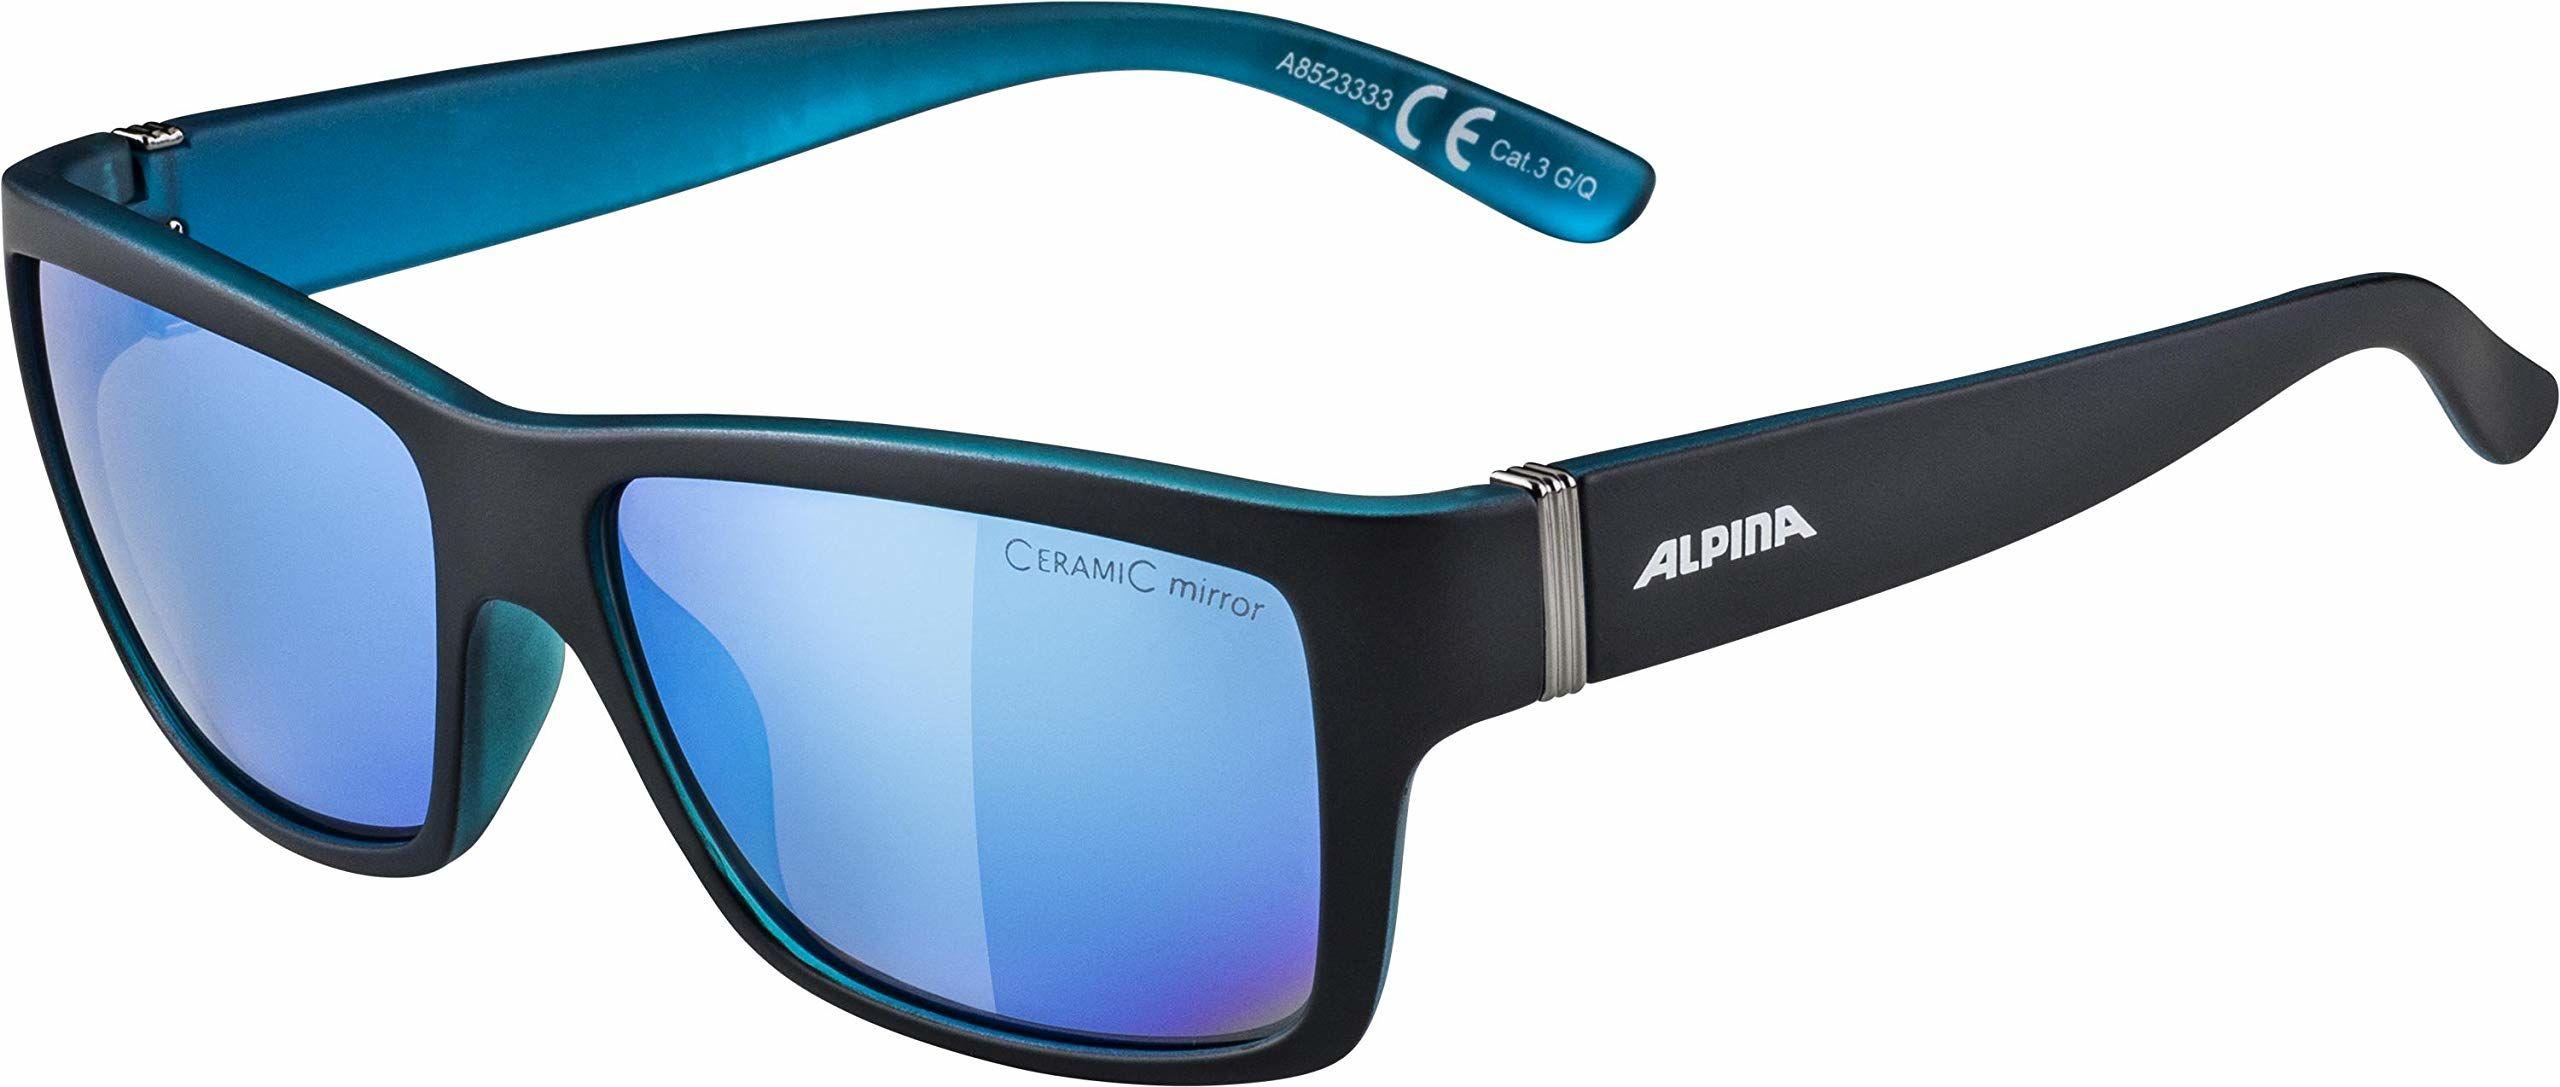 ALPINA Unisex - Dorośli, KACEY Okulary przeciwsłoneczne, black matt-blue/blue, One Size